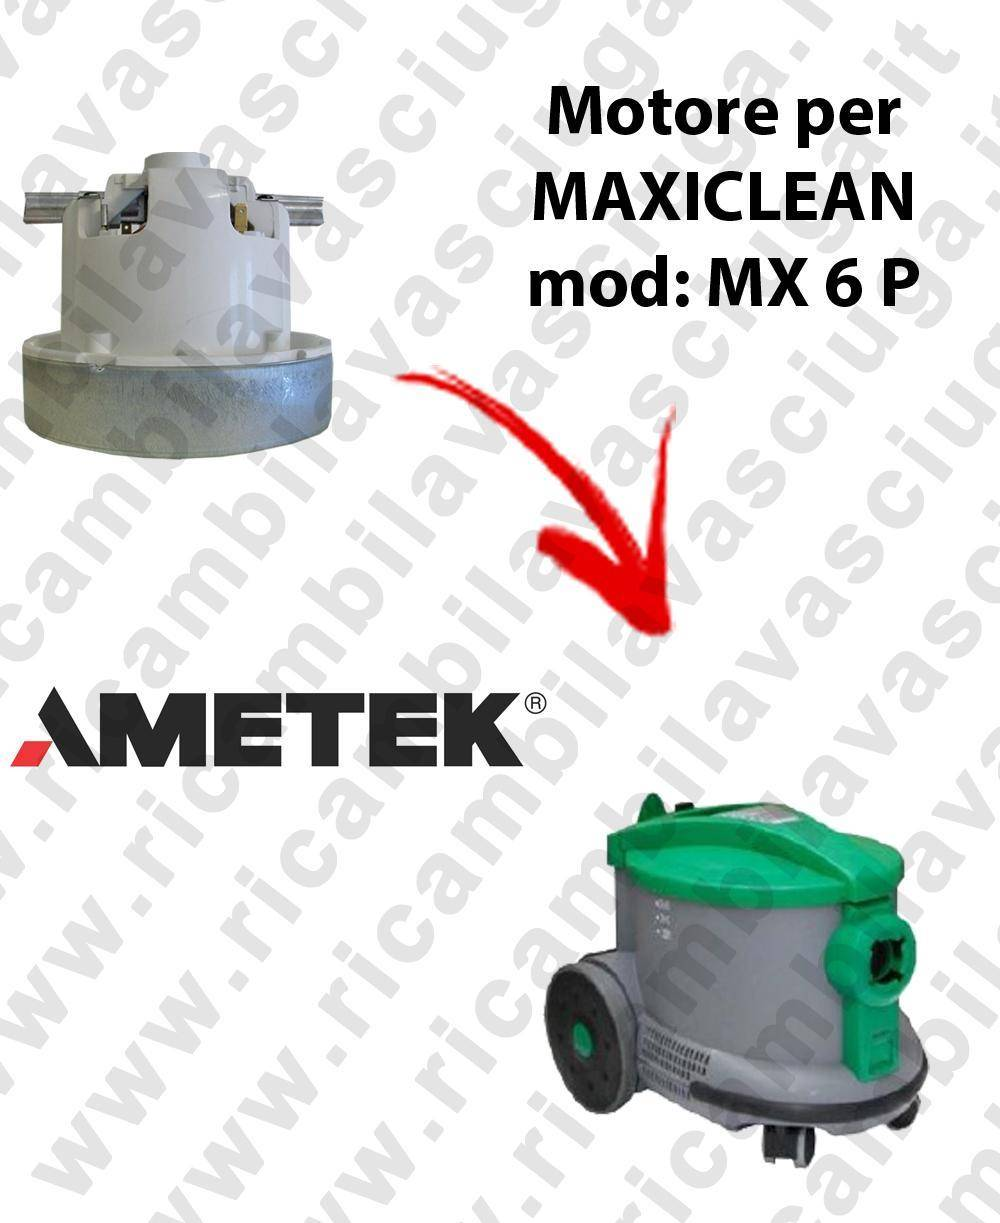 Synclean MX 6 P MOTORE AMETEK di aspirazione per aspirapolvere MAXICLEAN